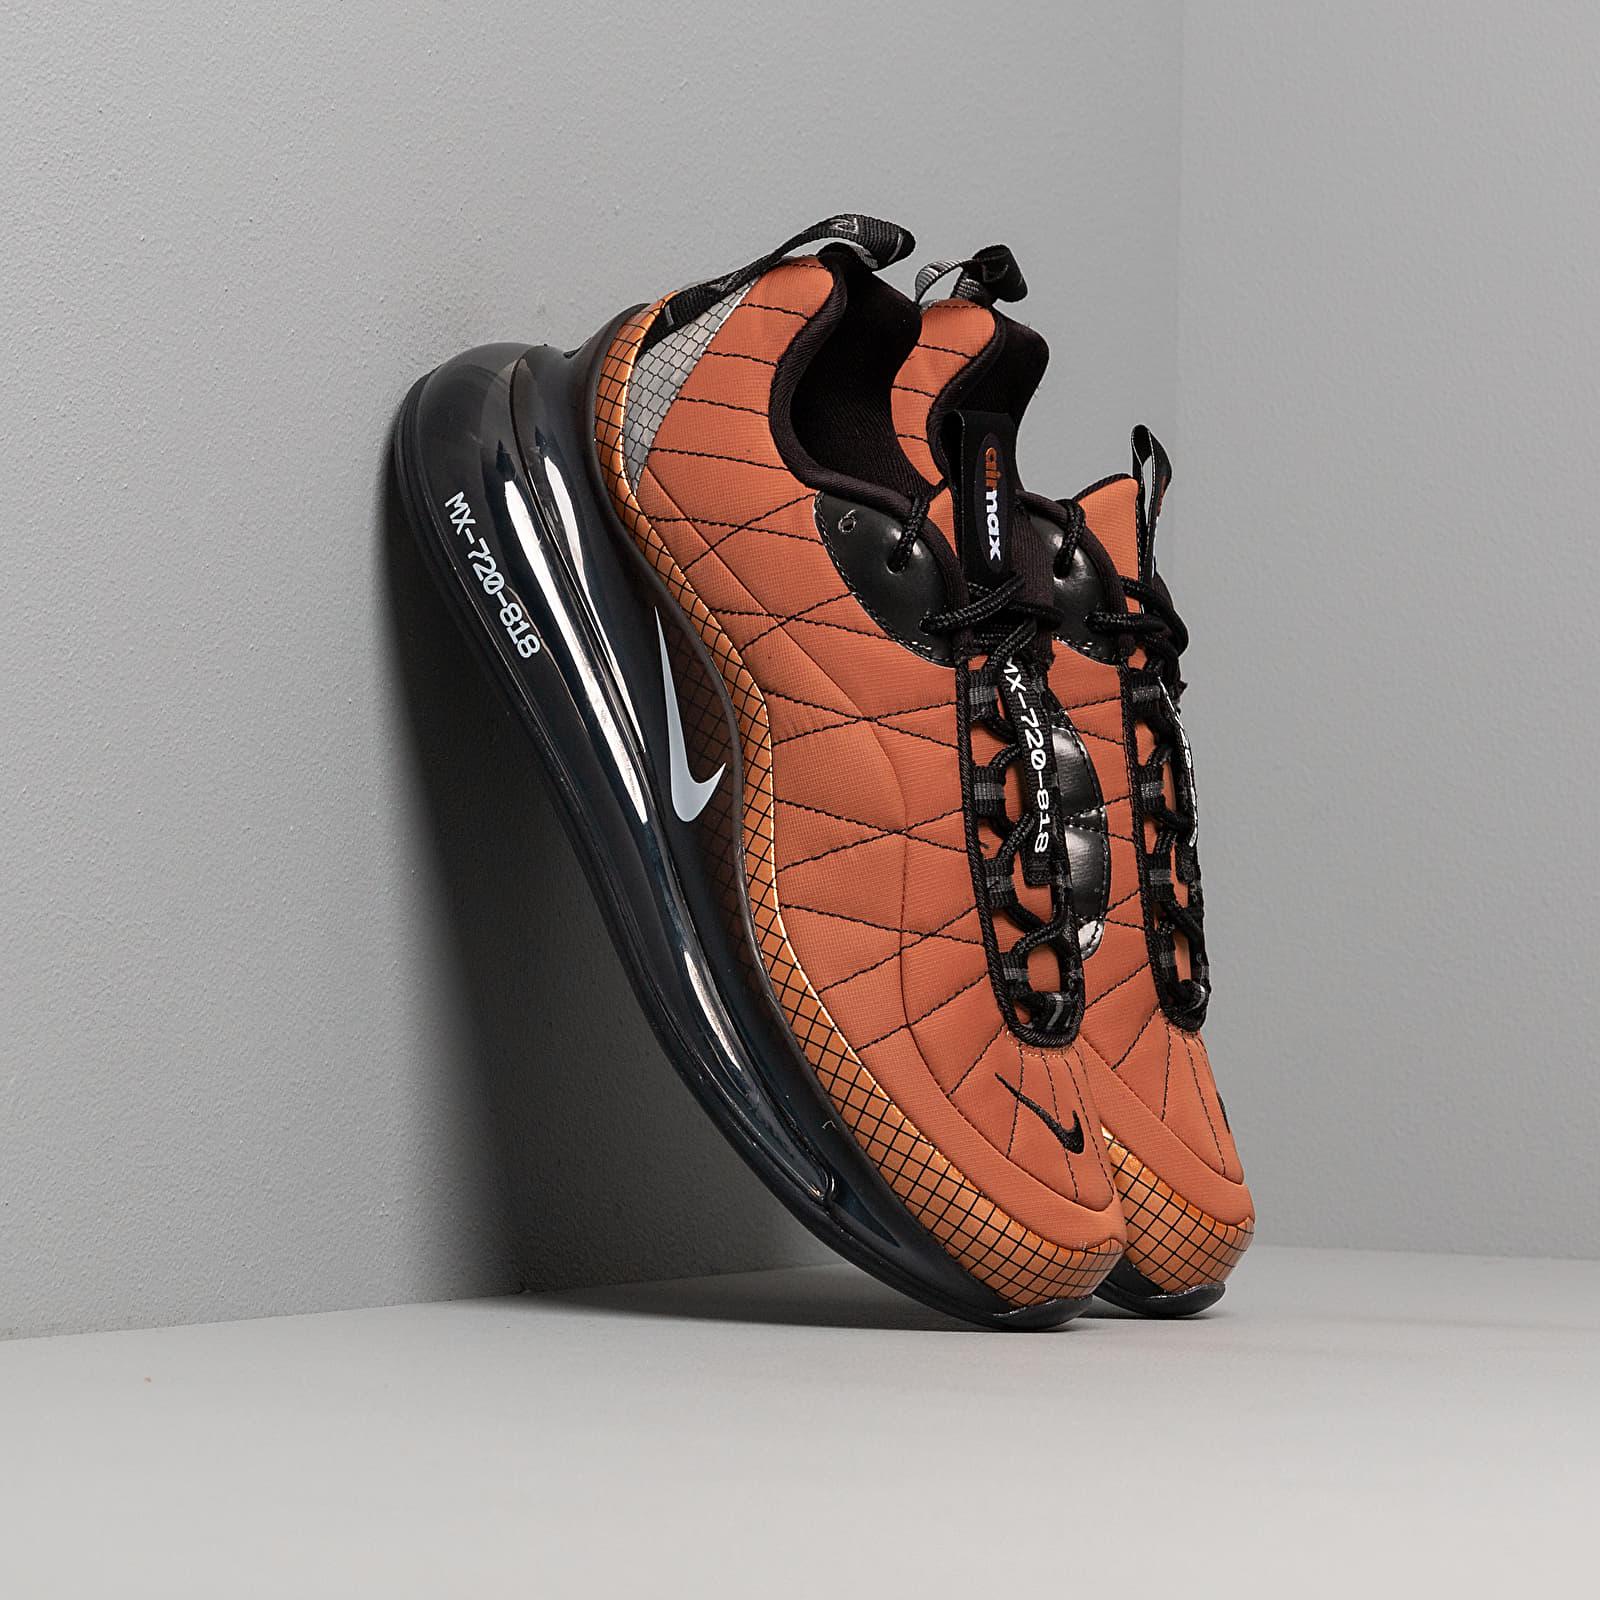 Scarpe e sneaker da donna Nike W Mx-720-818 Metallic Copper/ White-Black-Anthracite